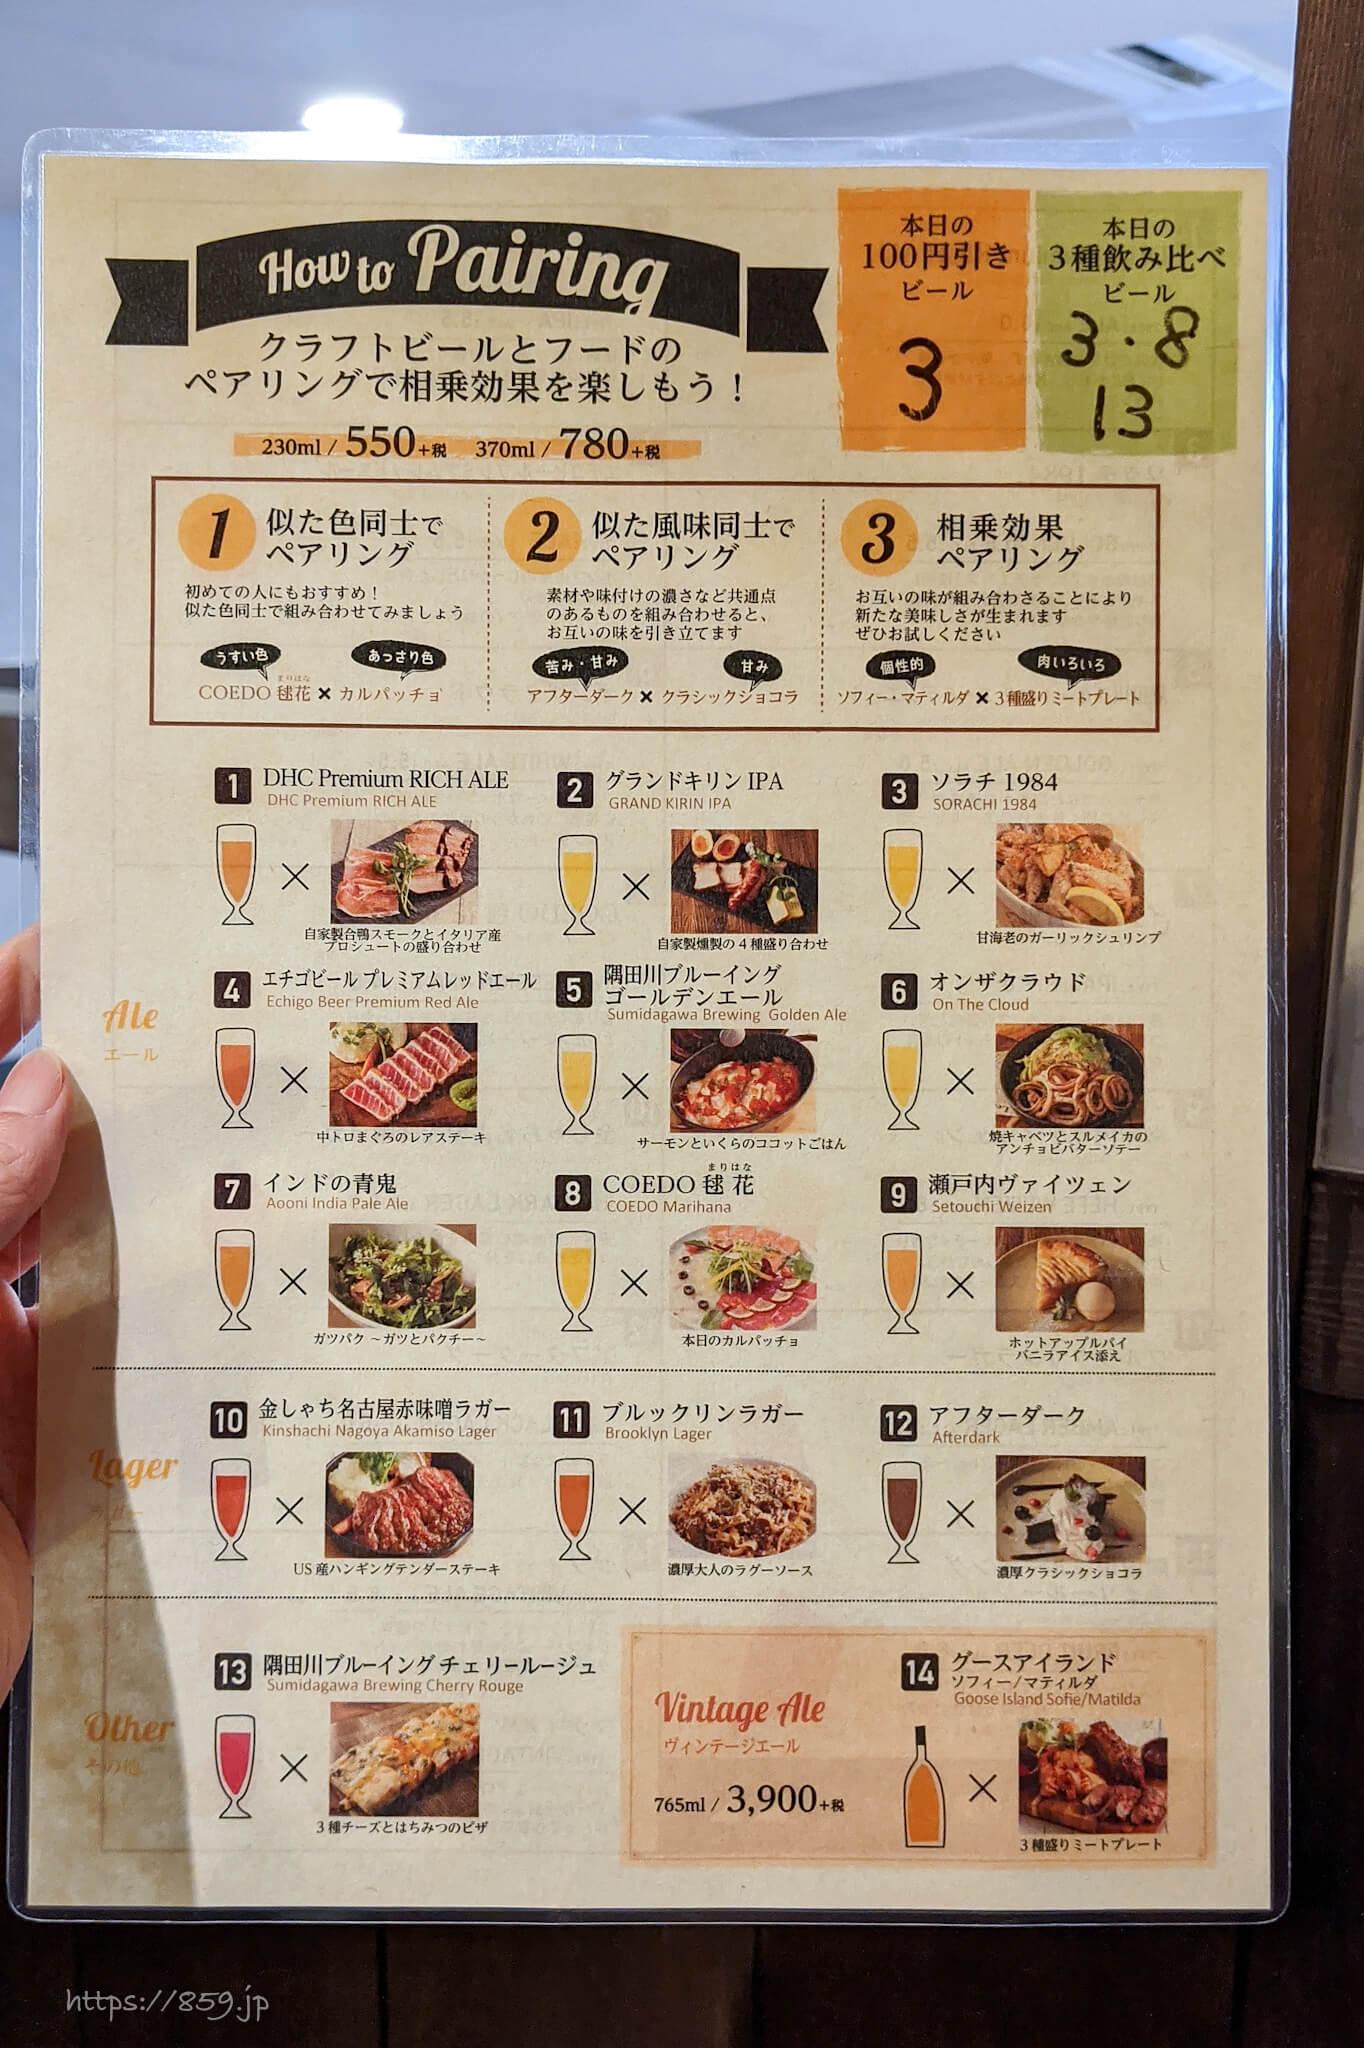 札幌キッチンのランチでクラフトビール飲み比べ旧アイリッシュパブケルツ15種類のクラフトビールメニュー